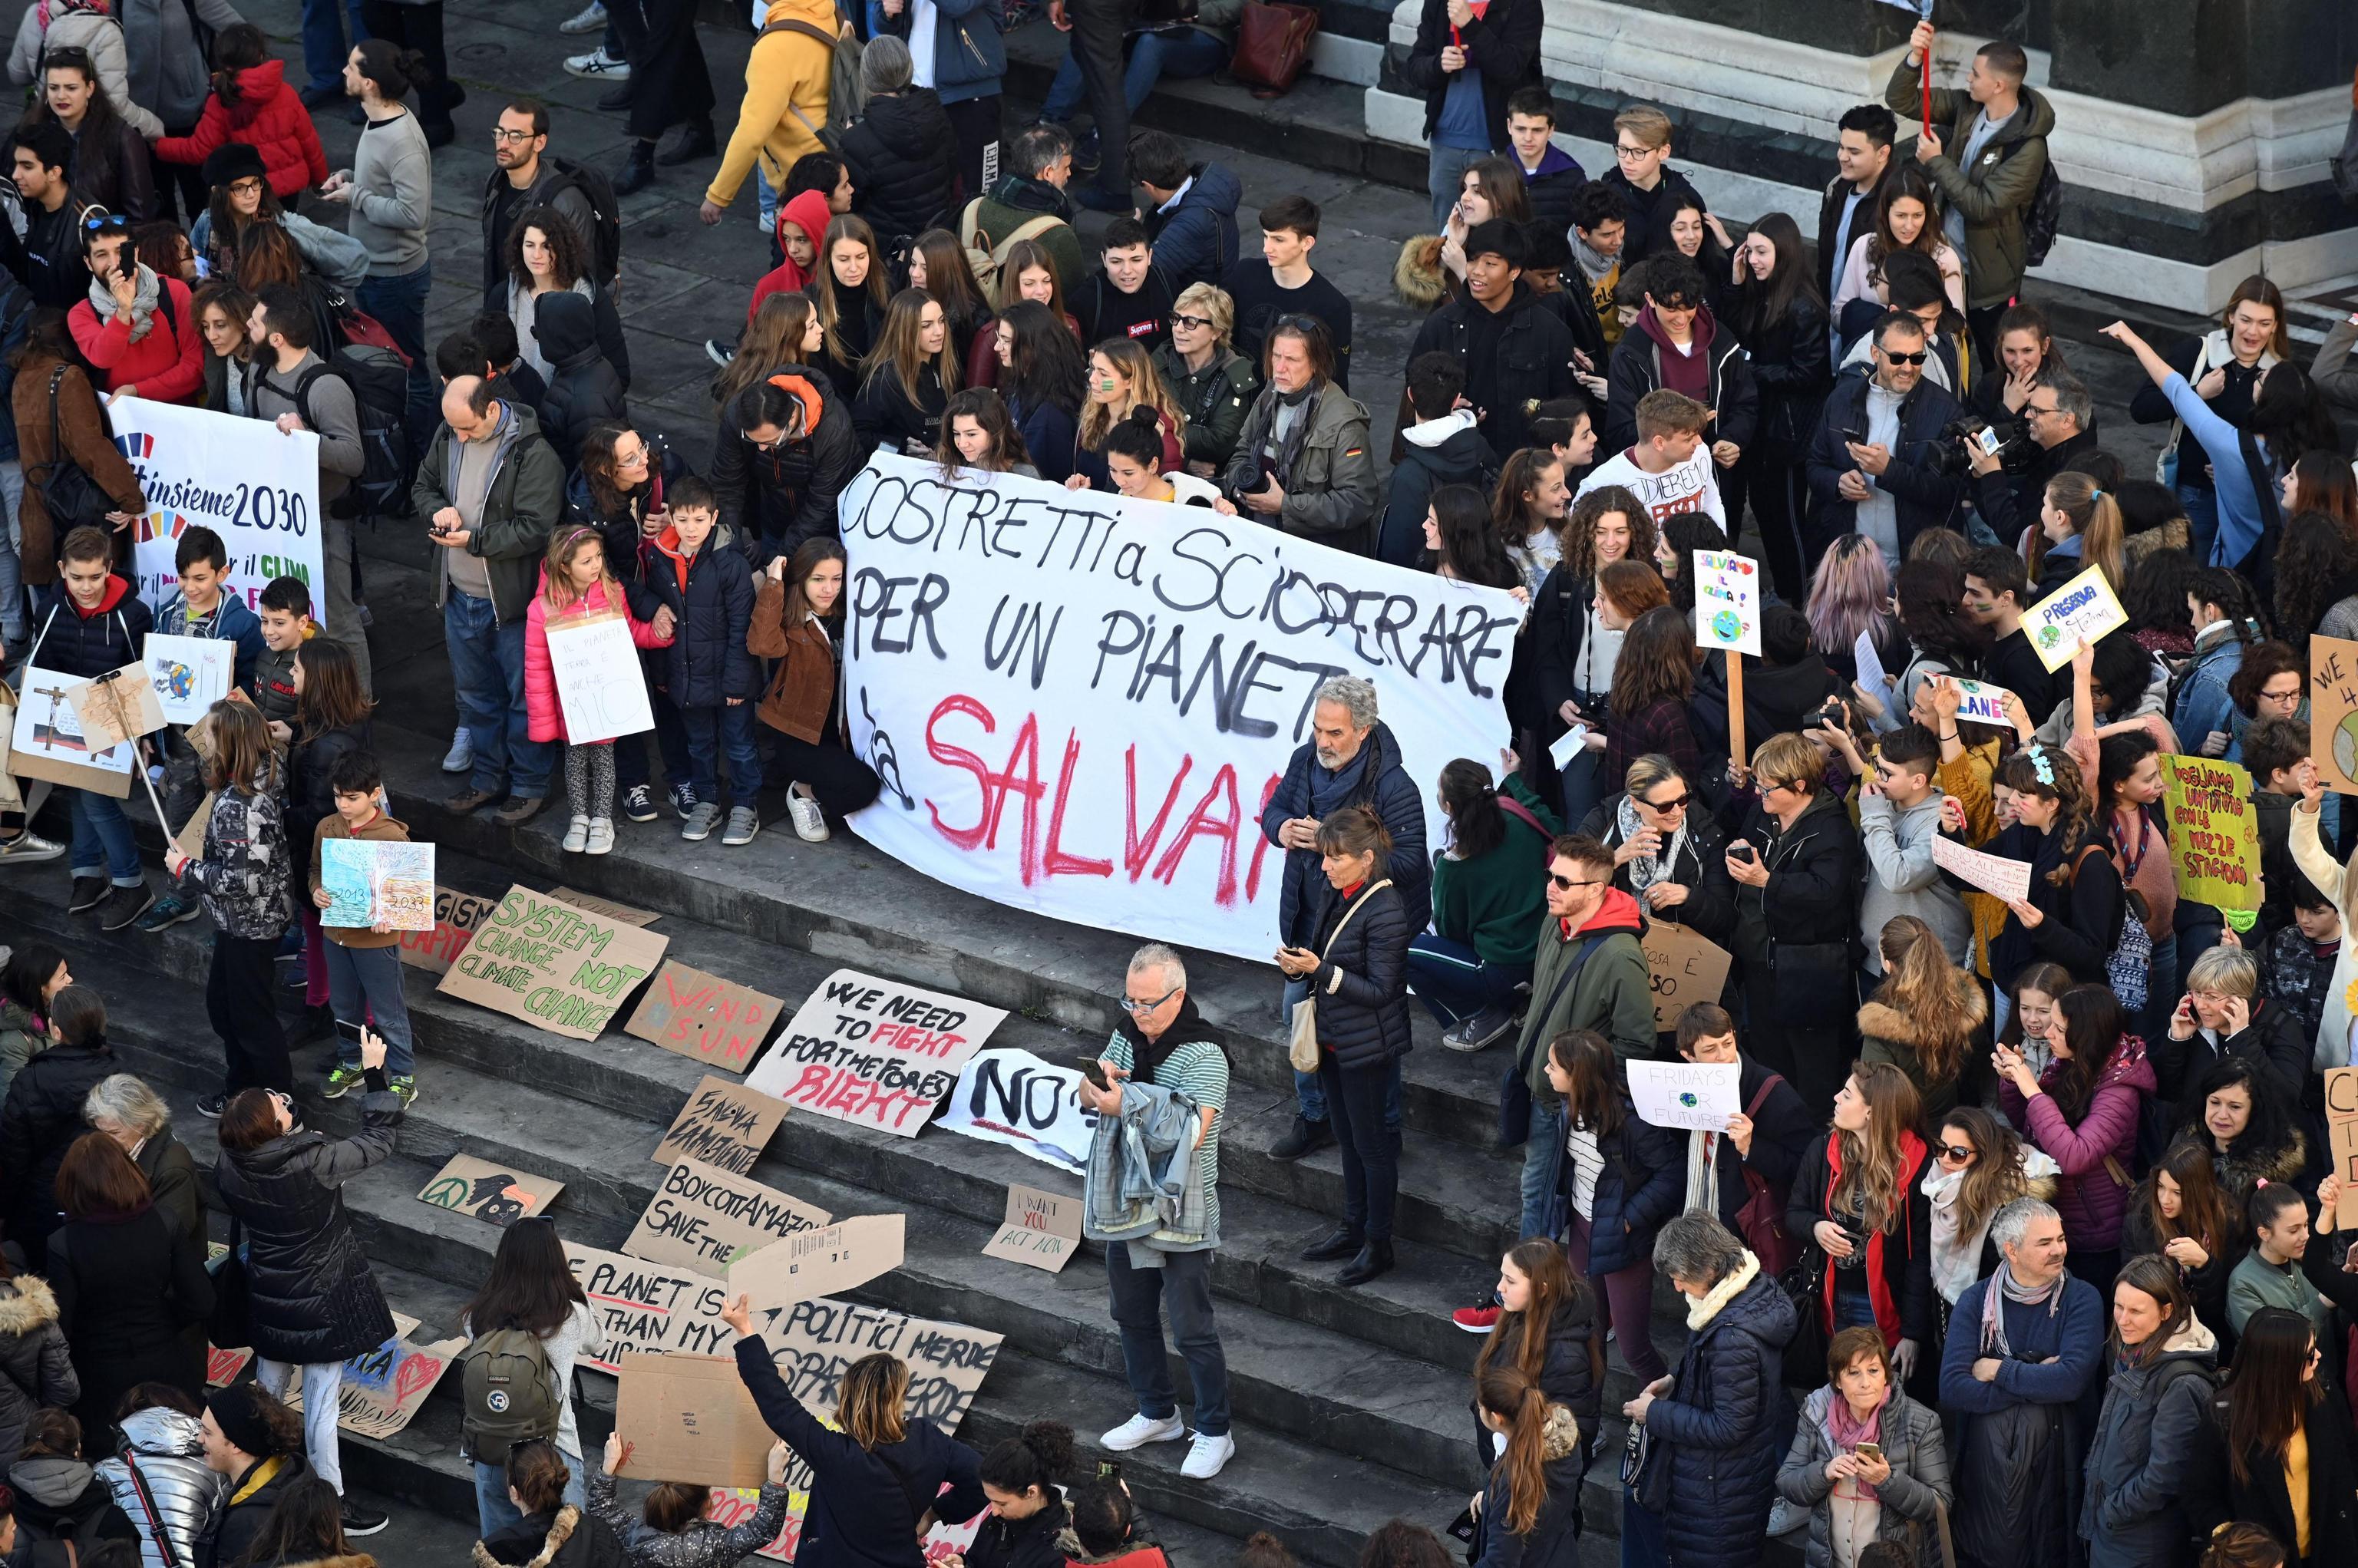 I gradini della chiesa di Piazza Santa Croce occupati dai manifestanti